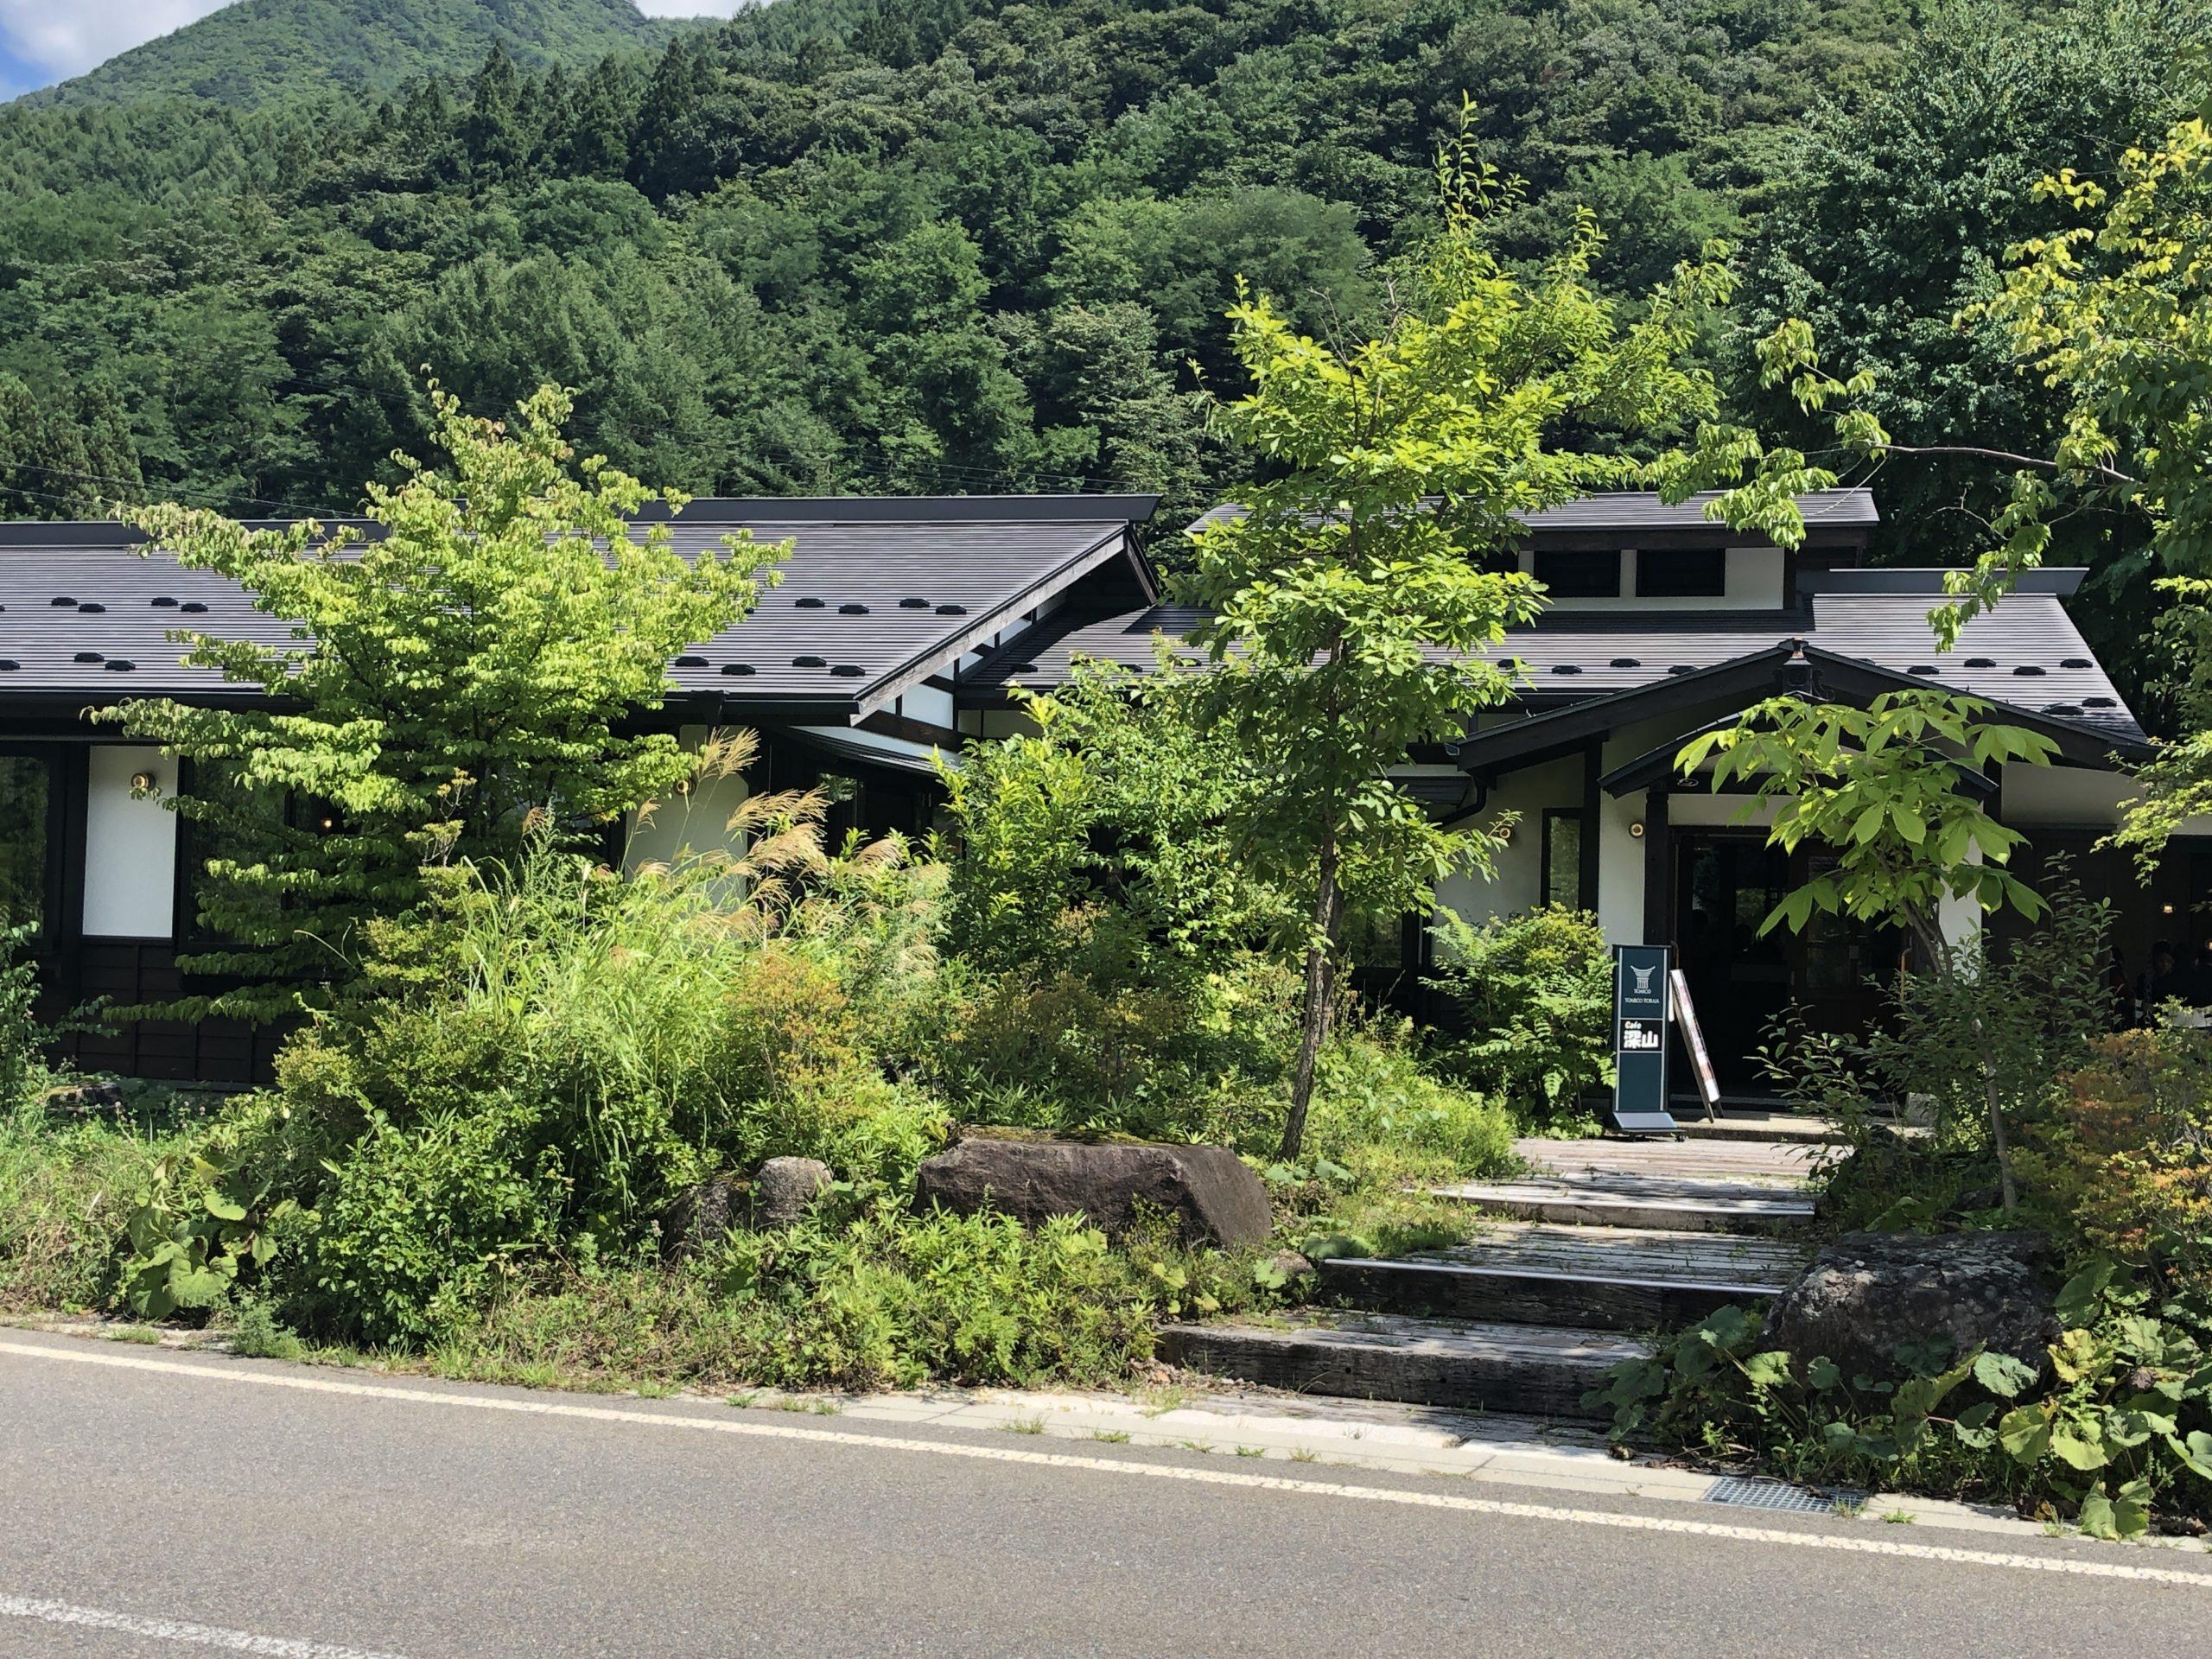 奈良井宿のカフェ「深山」で100年前のライスカレーを食らう